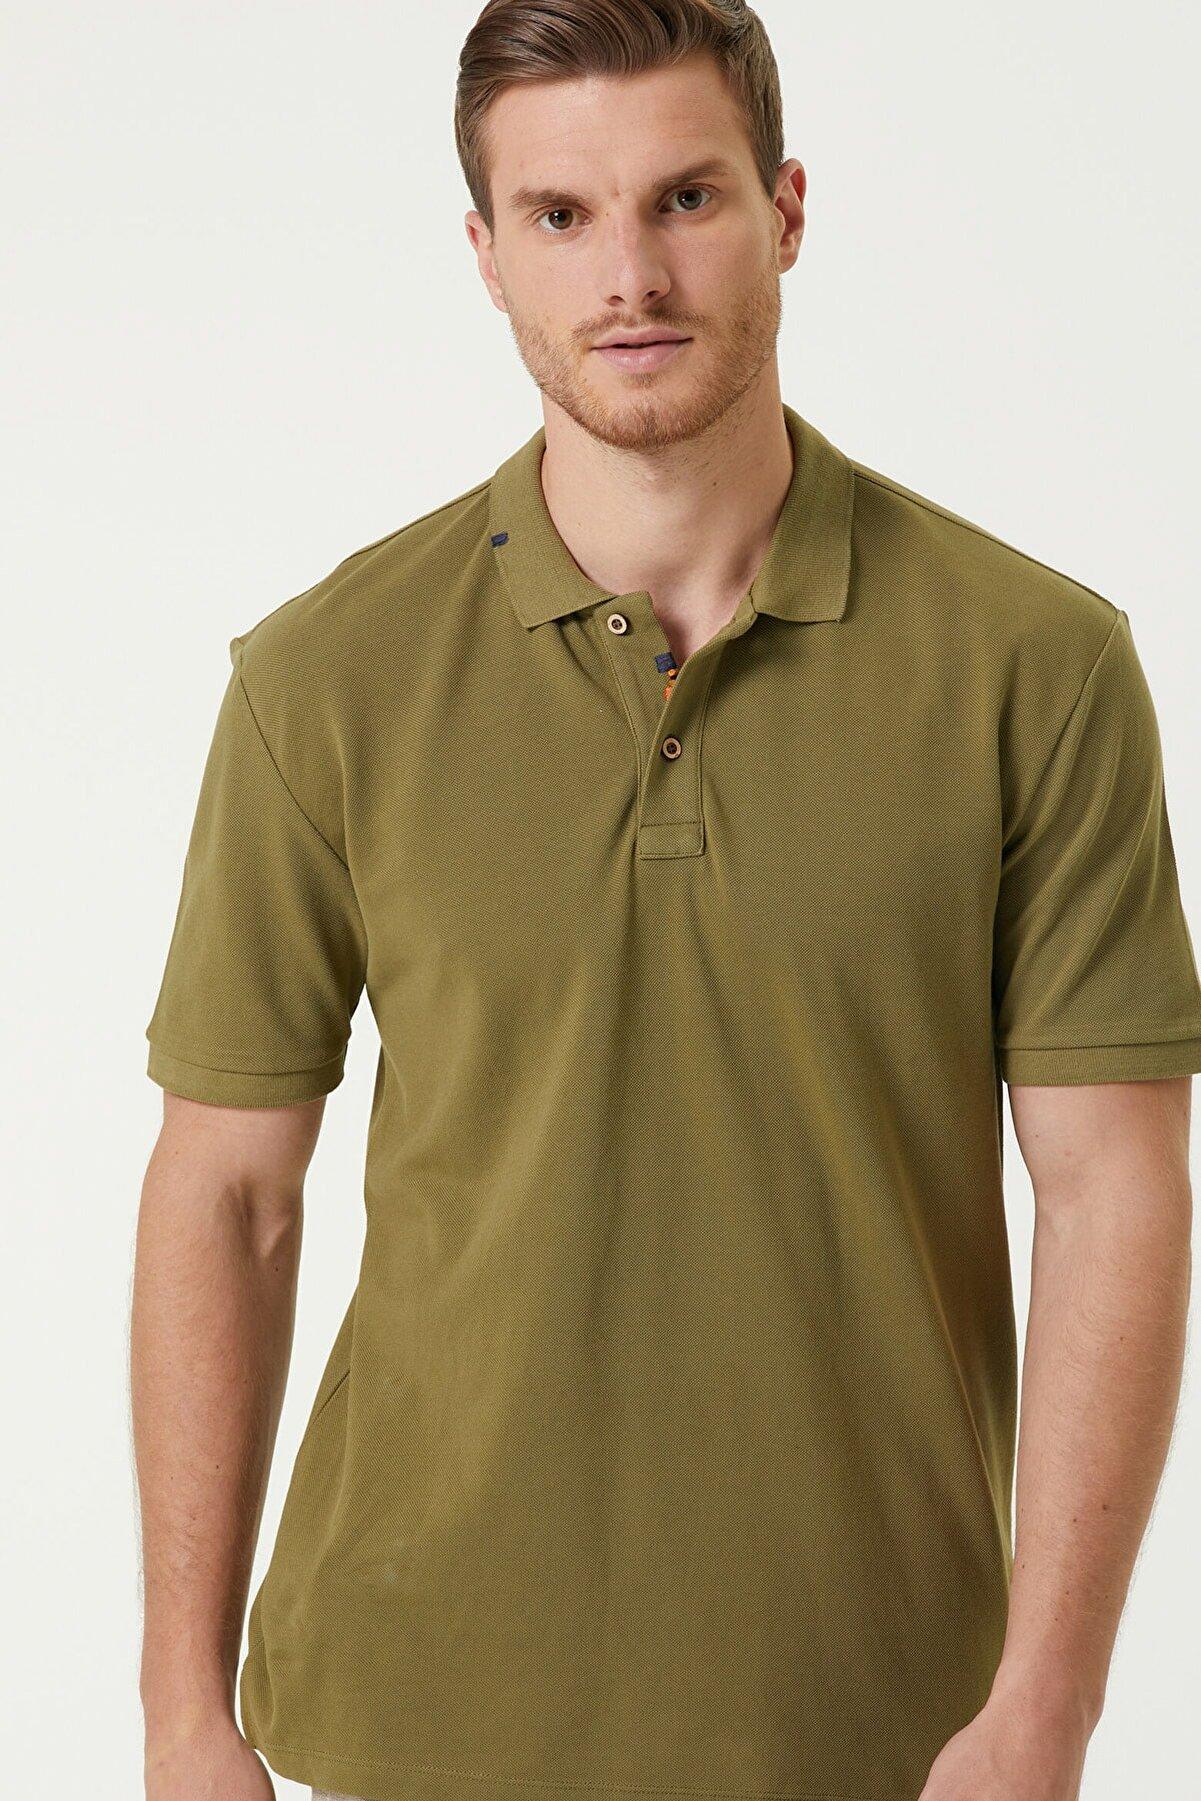 Network Erkek Slim Fit Haki Polo Yaka T-shirt 1079747